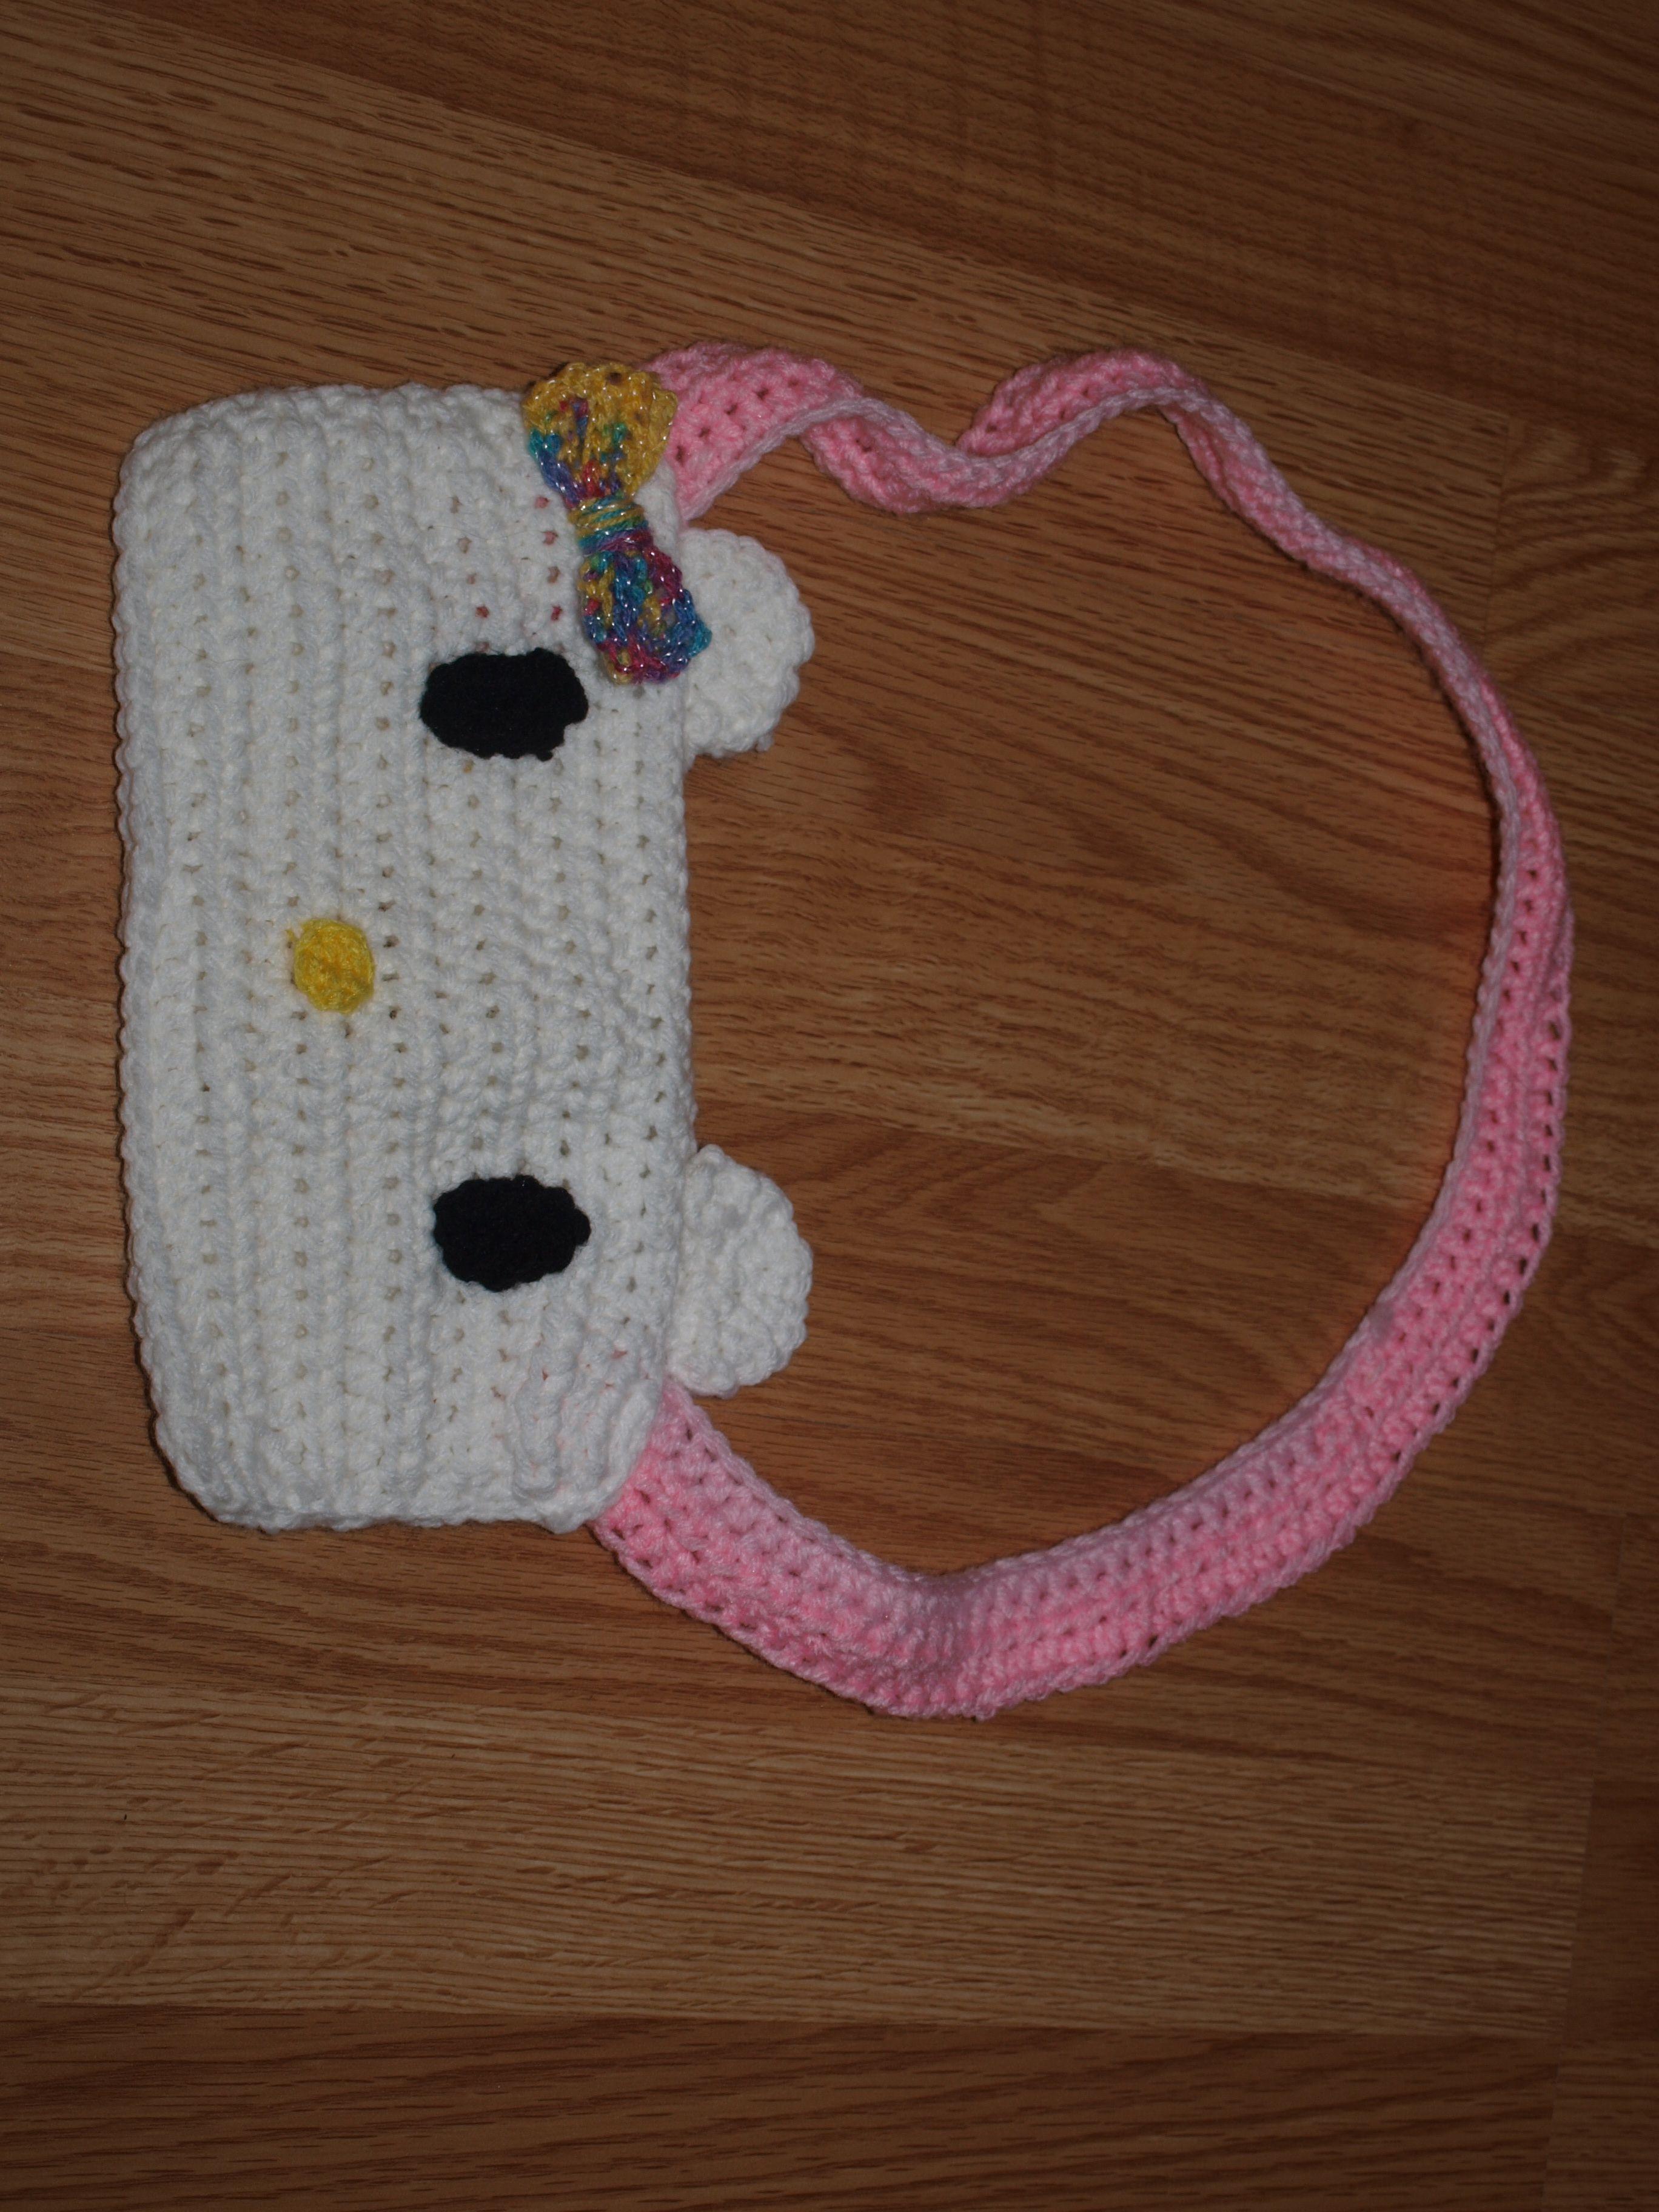 Crochet Purse Patterns Hello Kitty : hello kitty crochet purse Crochet Hello kitty Pinterest